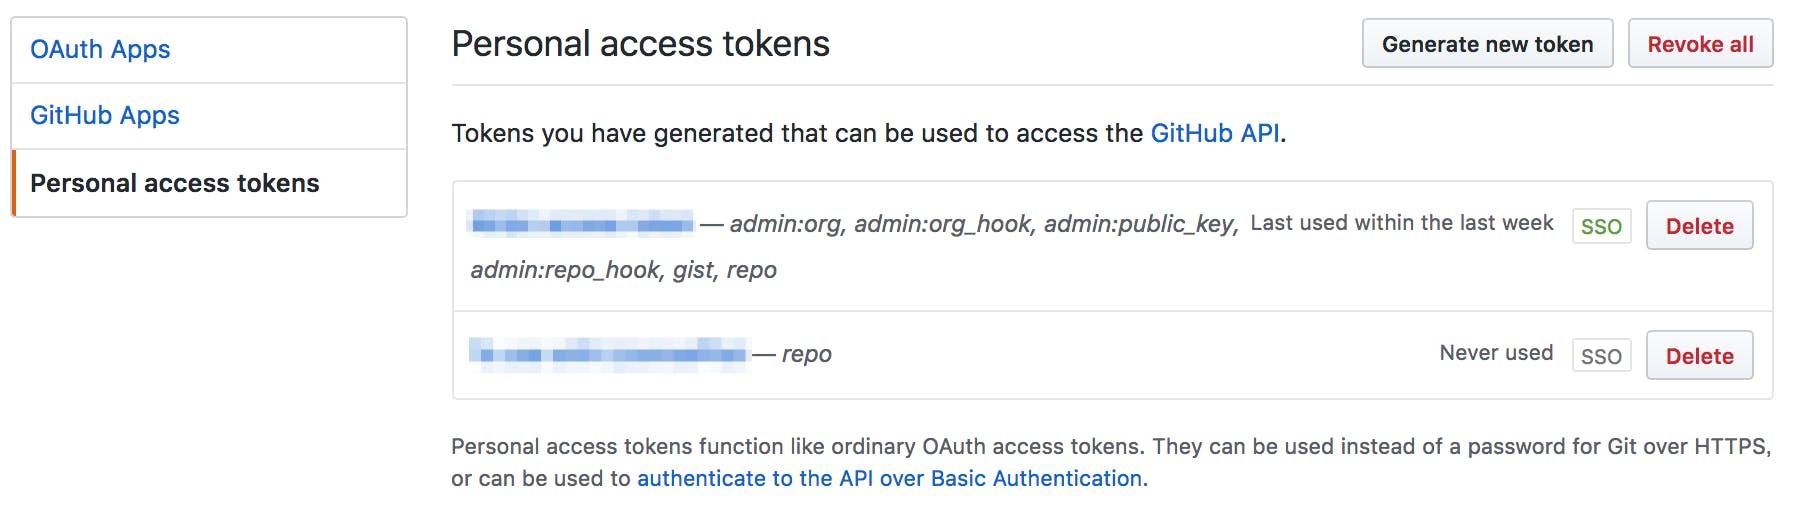 genereta_new_token.png